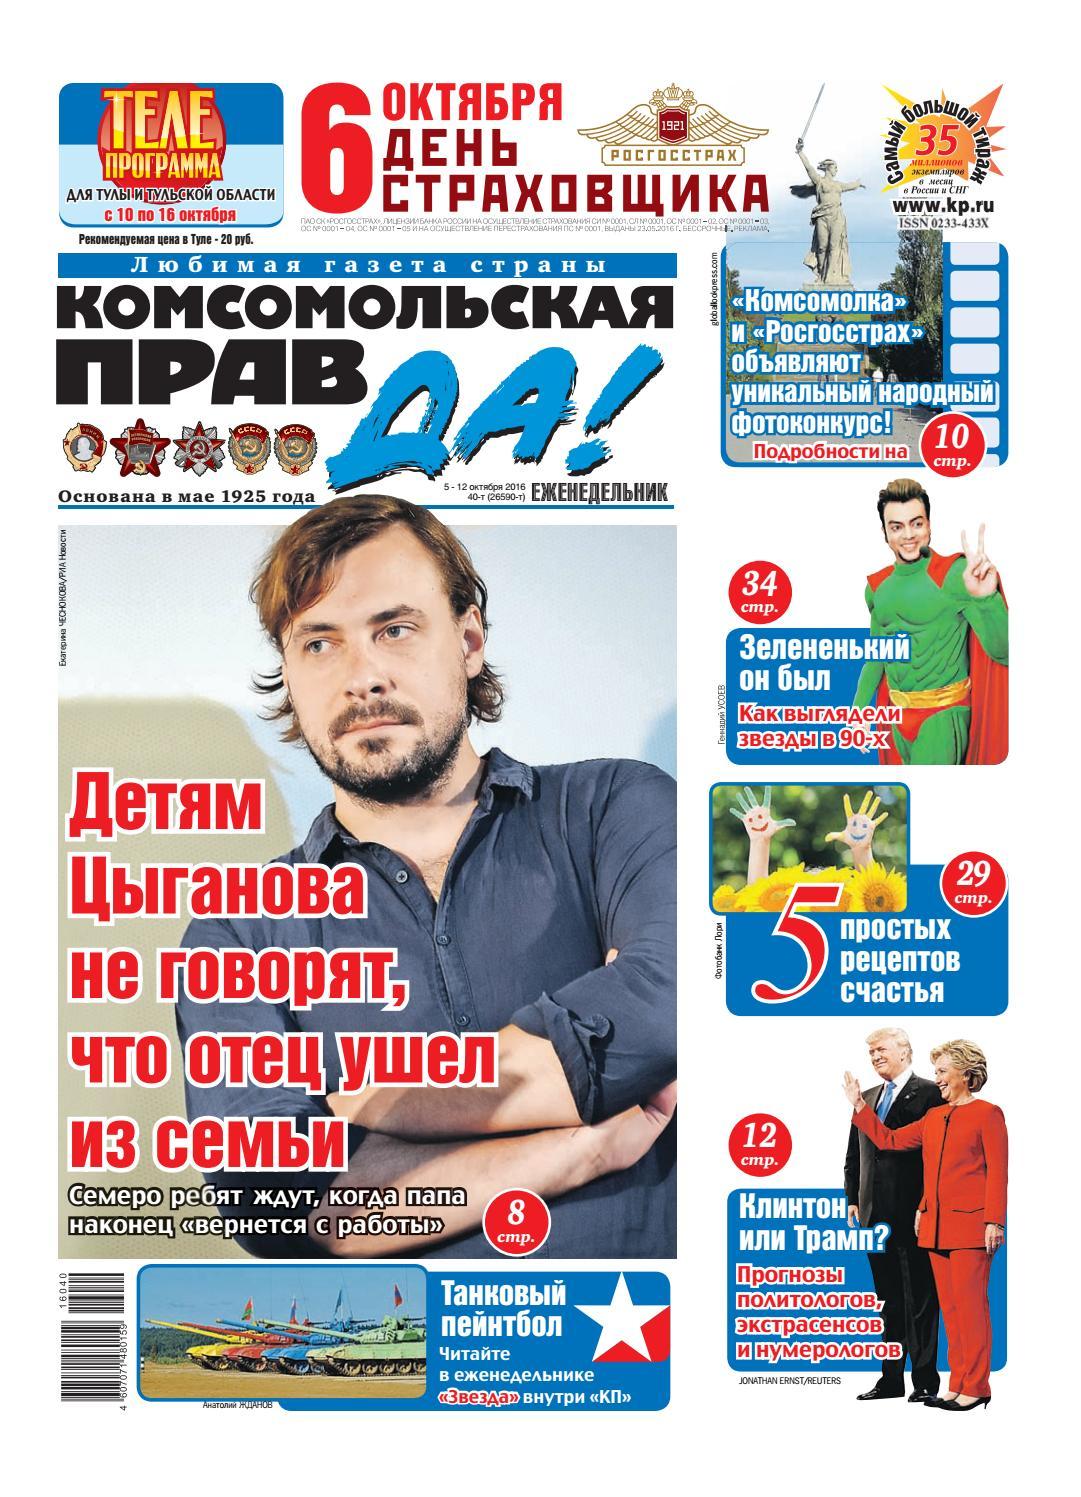 журнал огонек о фильме война и мир бондарчука